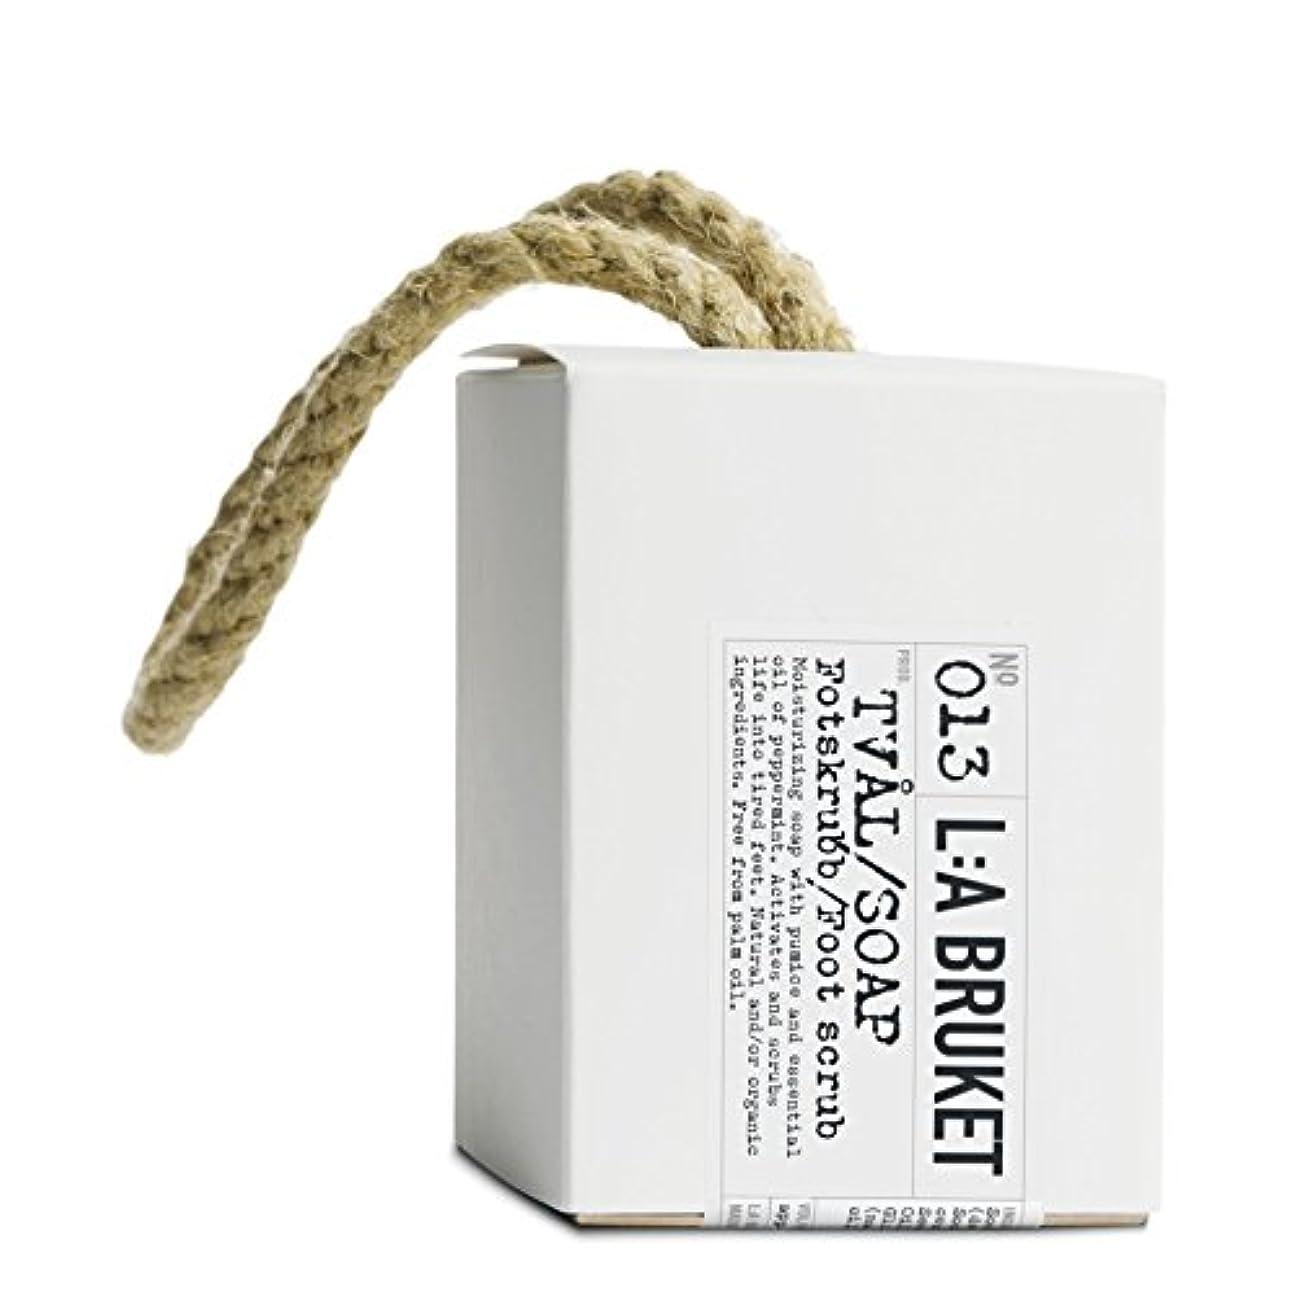 収穫と闘う不実L:A Bruket Foot Scrub Soap on a Roap 240g - :の240グラムのフットスクラブ石鹸 [並行輸入品]